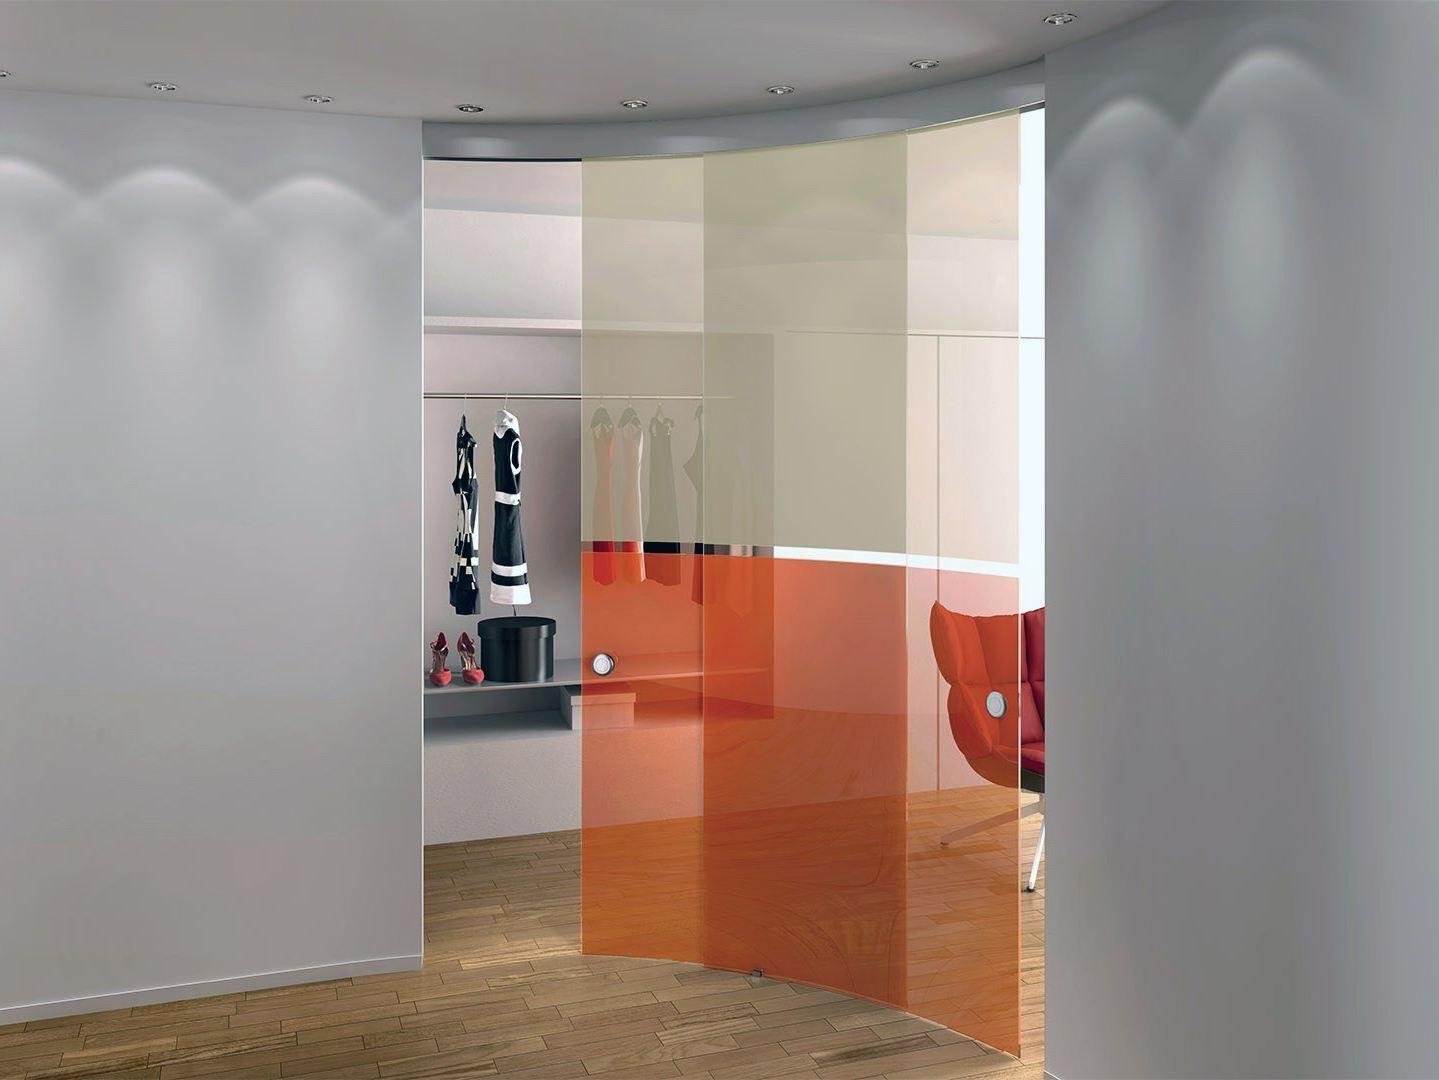 Modelo de porta de vidro arredondada